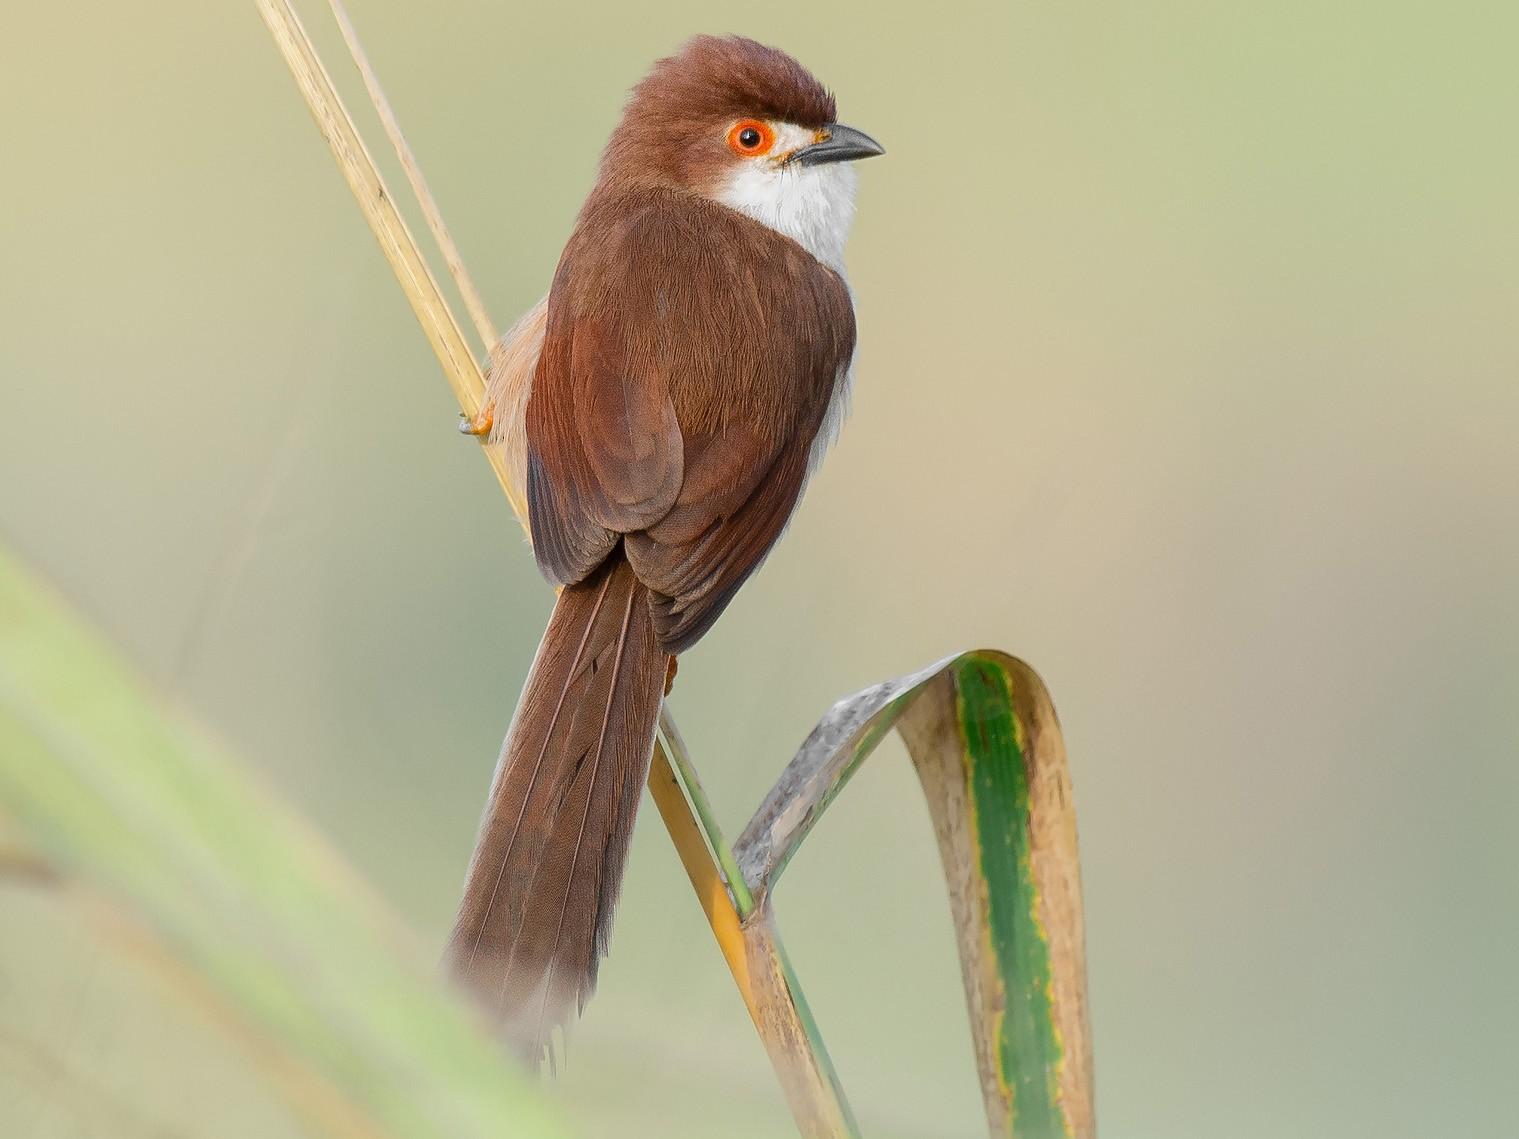 Yellow-eyed Babbler - Natthaphat Chotjuckdikul